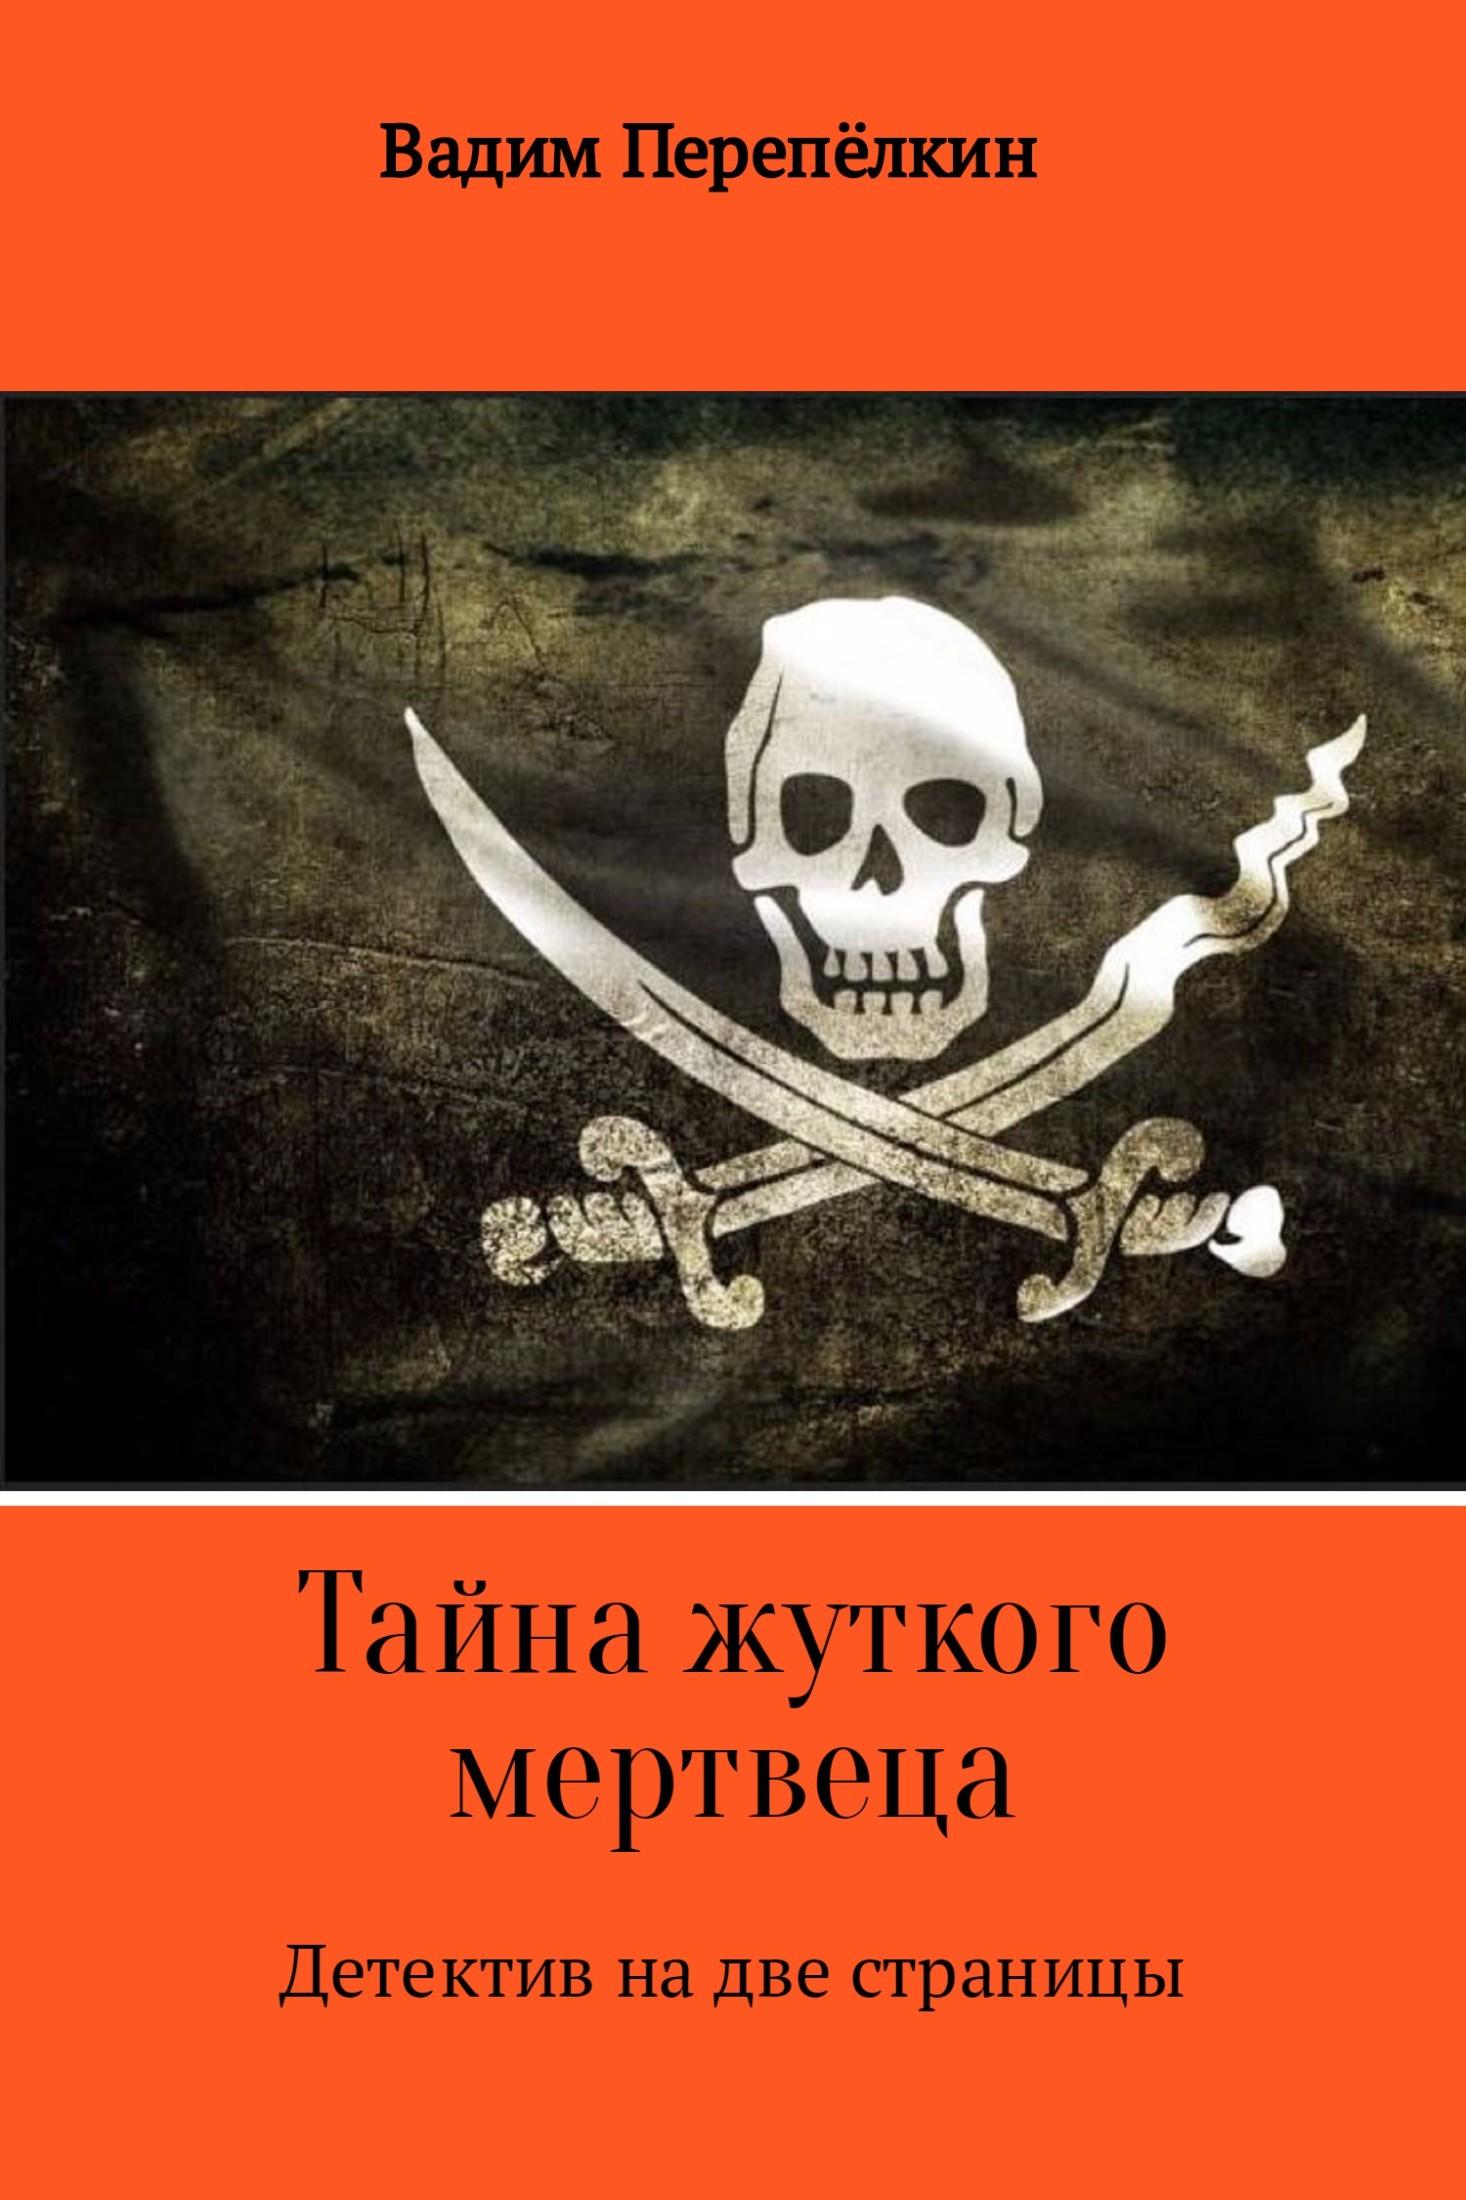 Вадим Перепёлкин Тайна жуткого мертвеца мария жукова гладкова остров острых ощущений